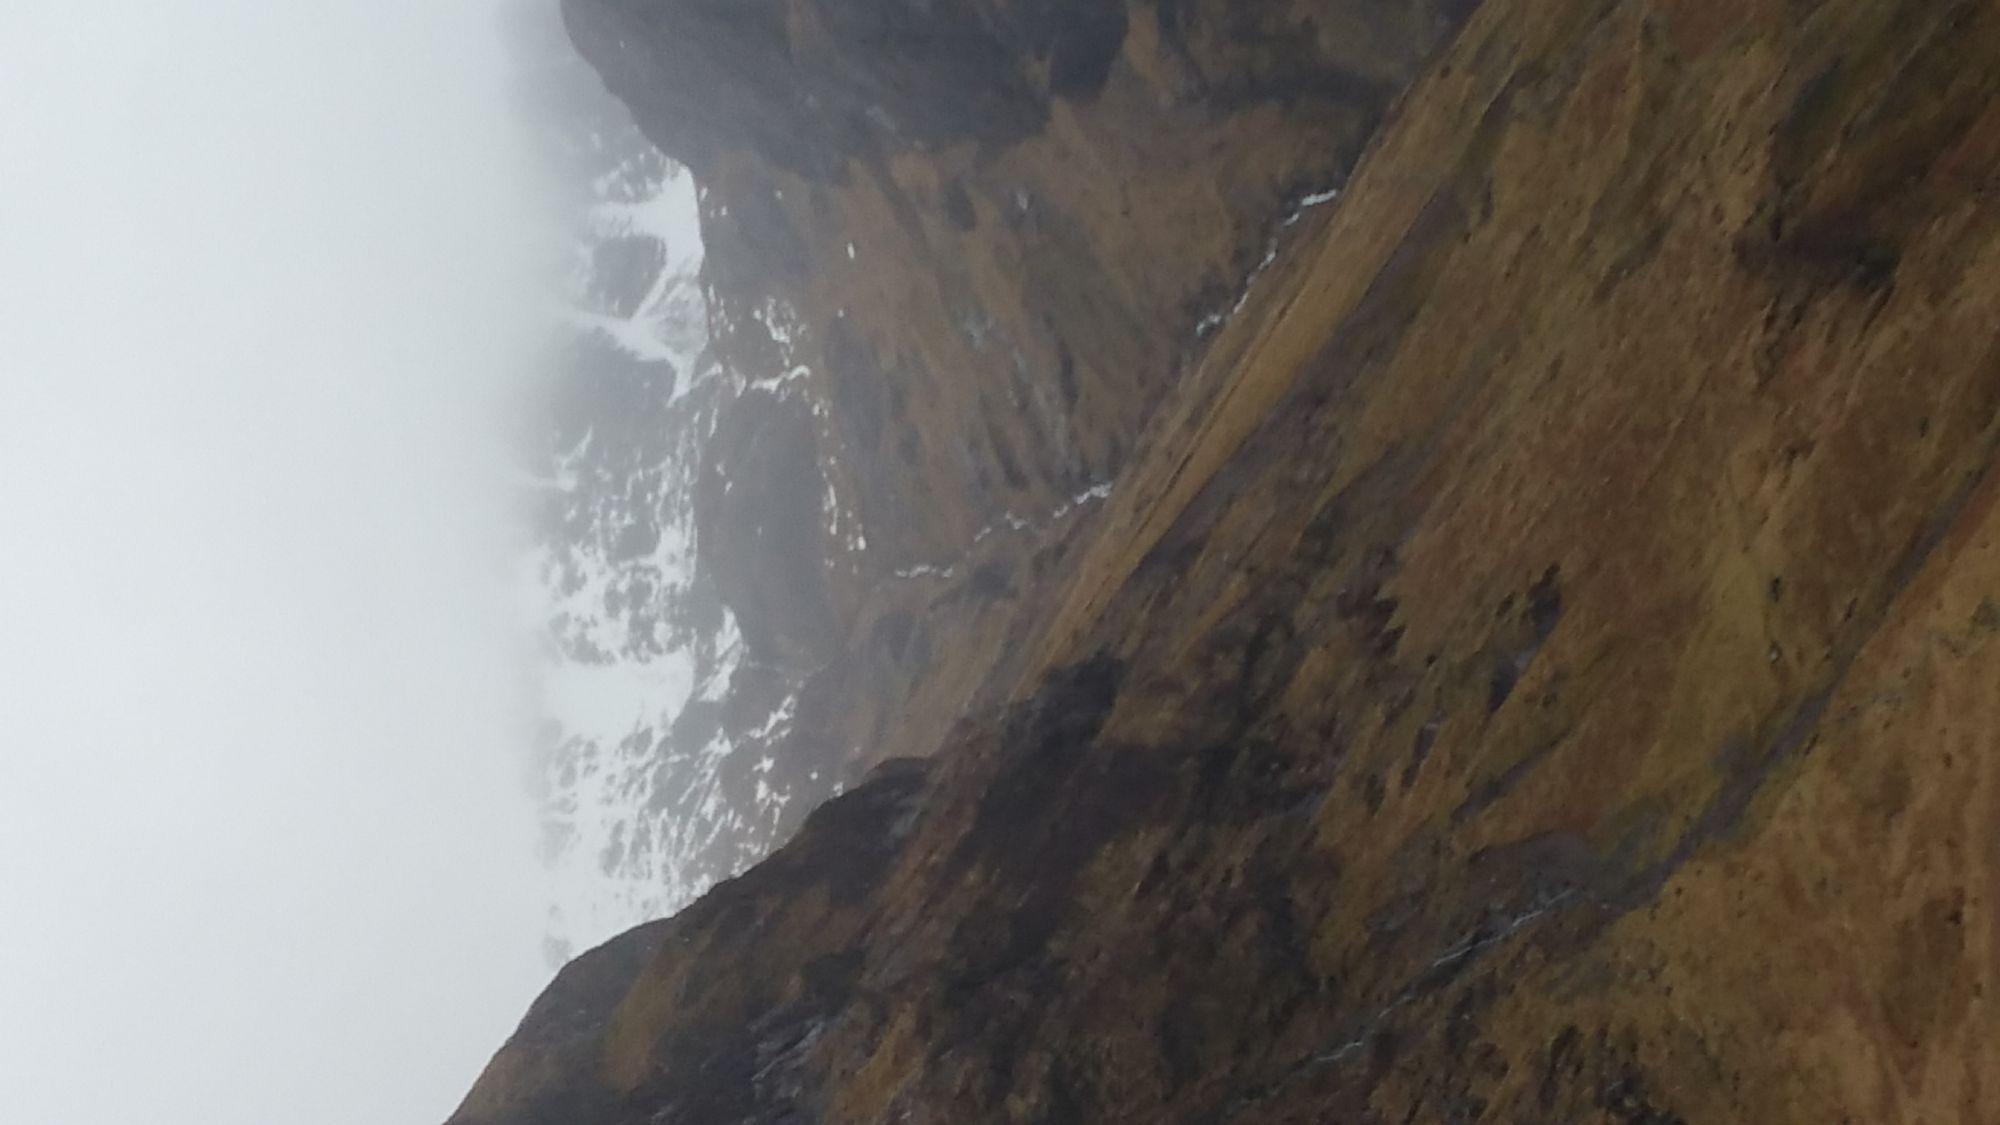 mountains un the fog.....